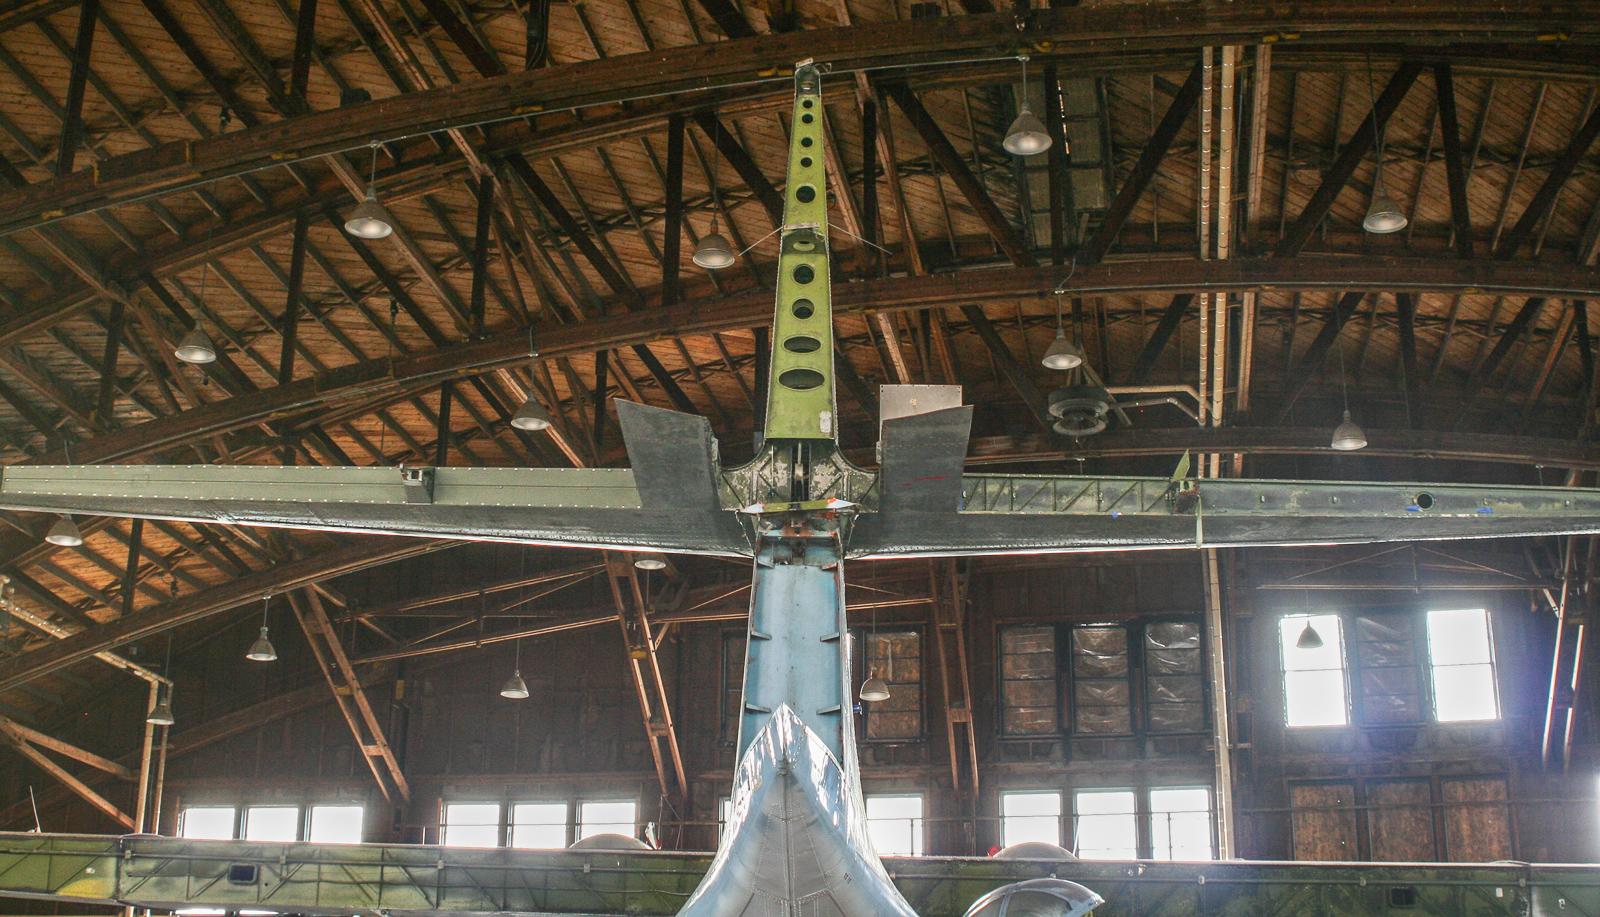 CAF PBY_019